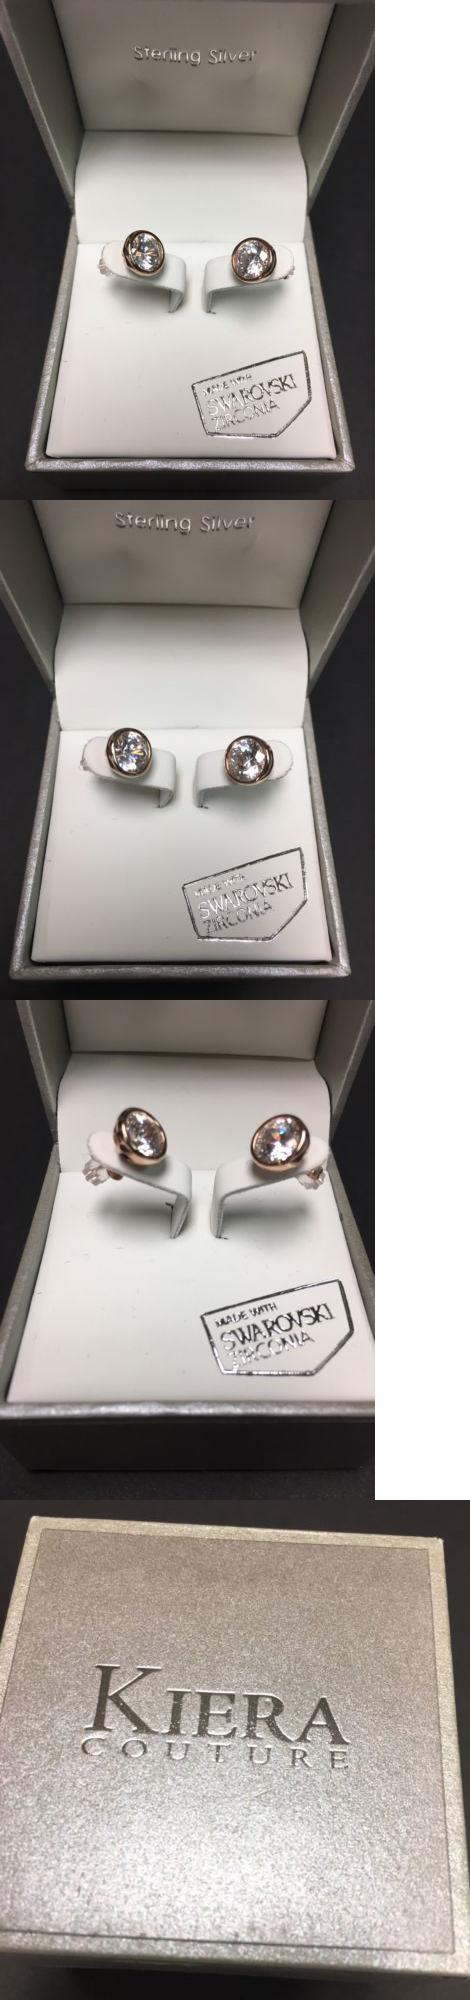 df4d419ec Earrings 50647: Kiera Couture Sterling Silver Swarovski Zirconia Crystal  Stud Earrings - Nwt BUY IT NOW ONLY: $33.99